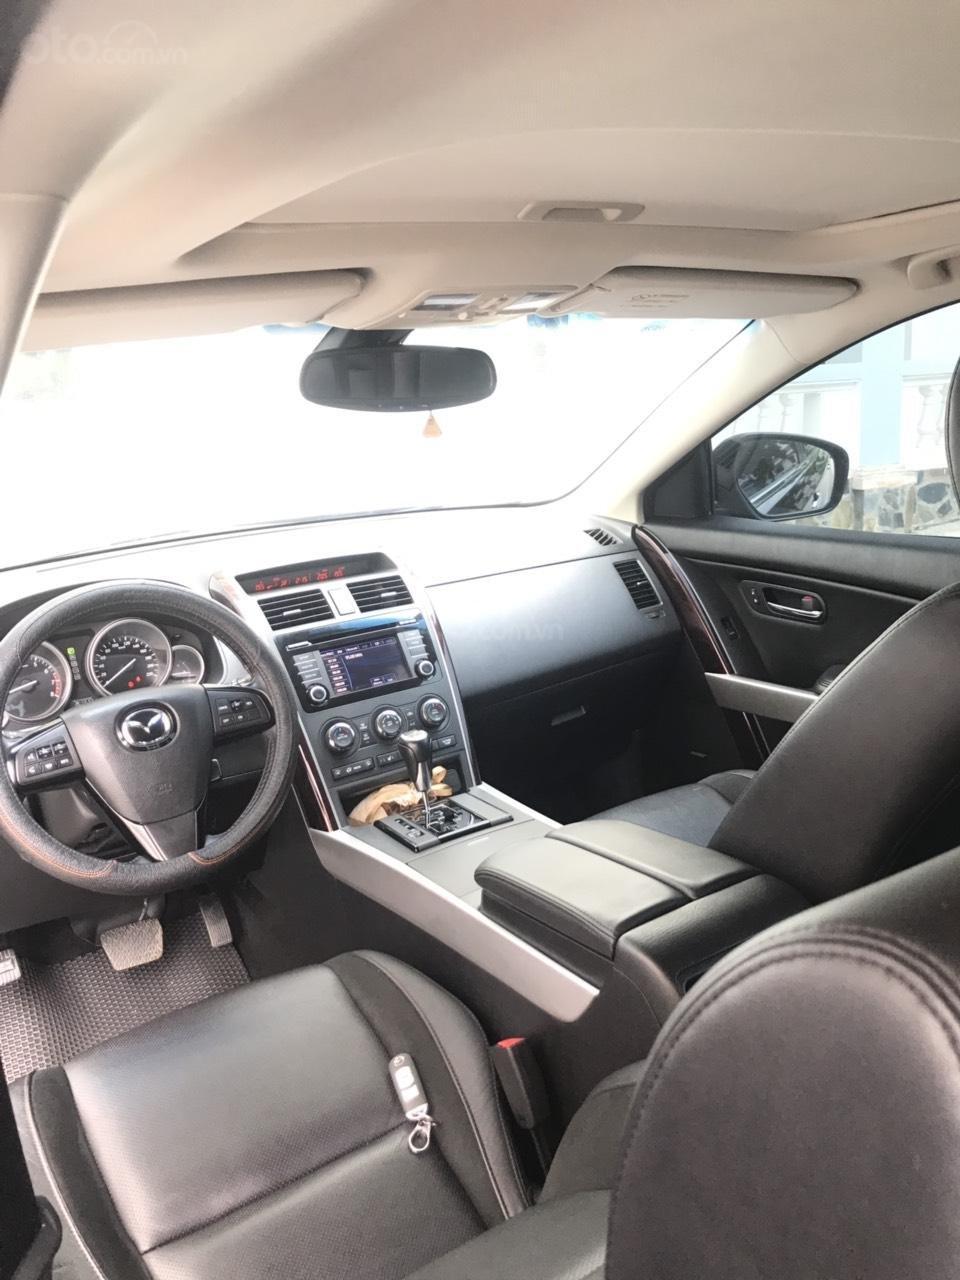 Bán Mazda CX9 màu đen, nhập khẩu Nhật Bản, sản xuất 2015, đăng ký 2016 tên tư nhân (6)